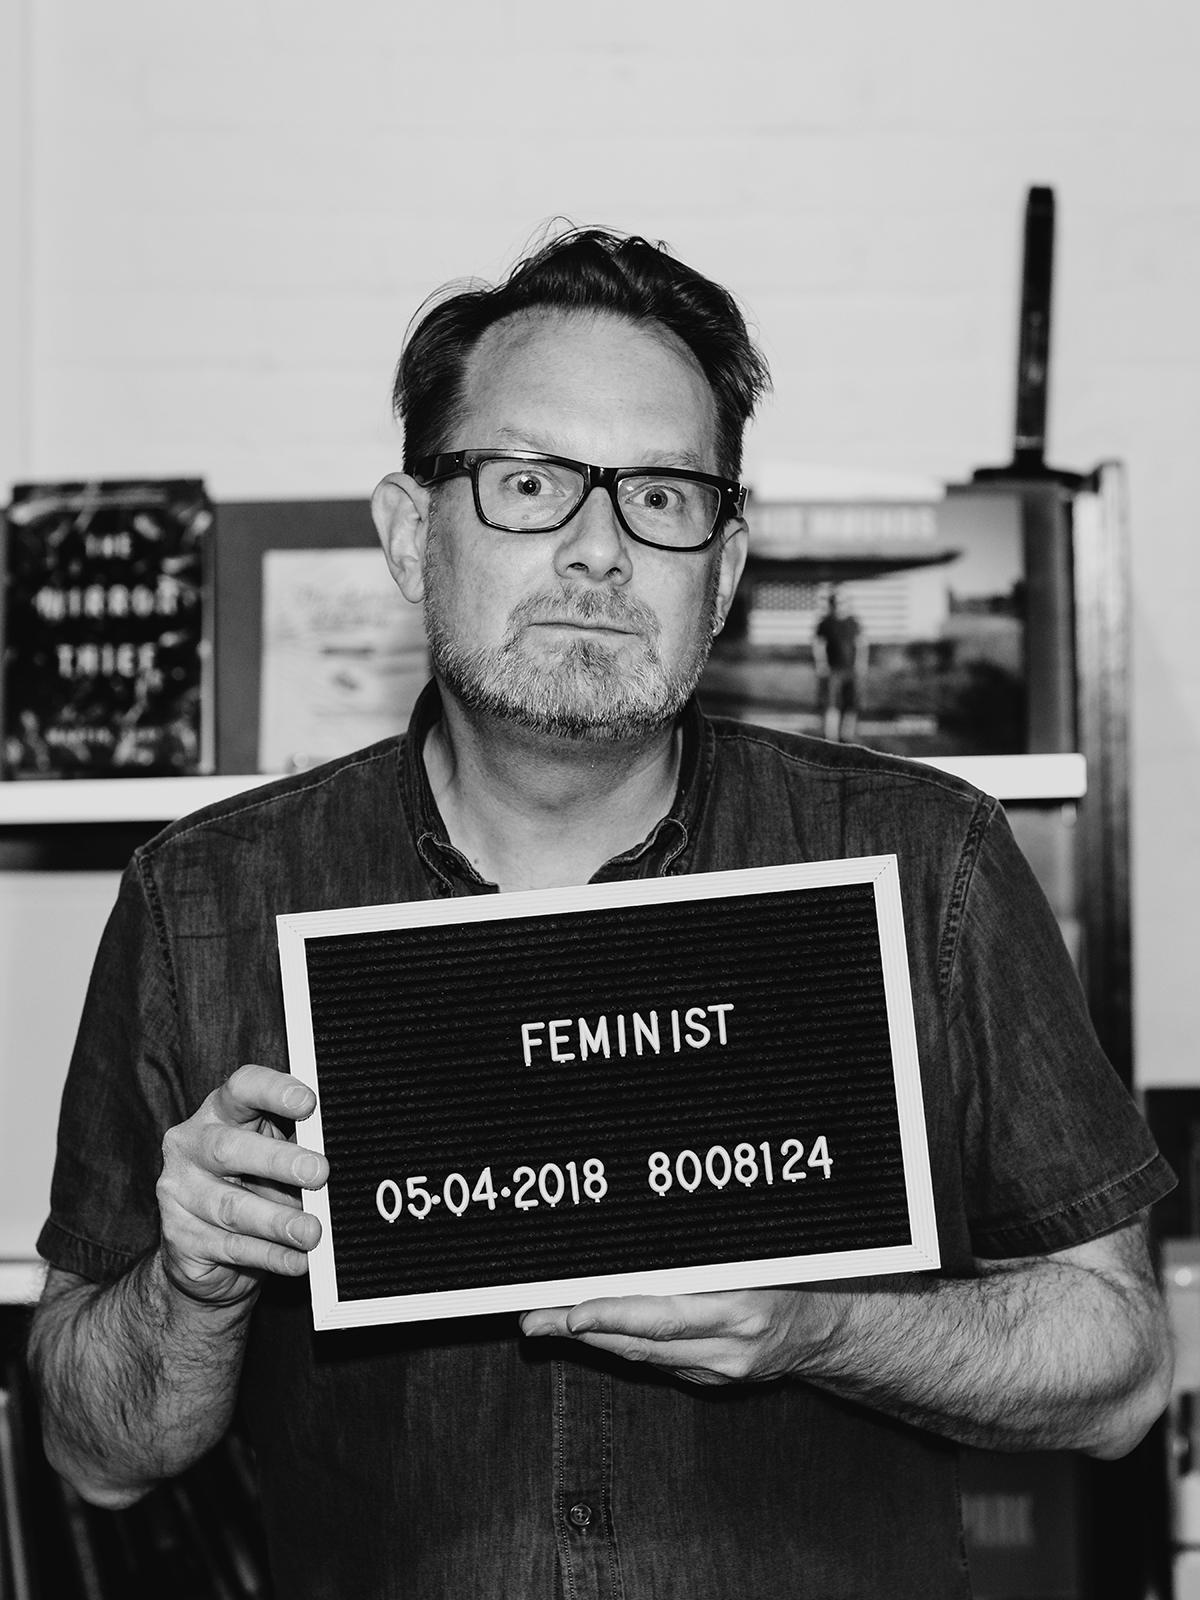 8008124 feminist.jpg